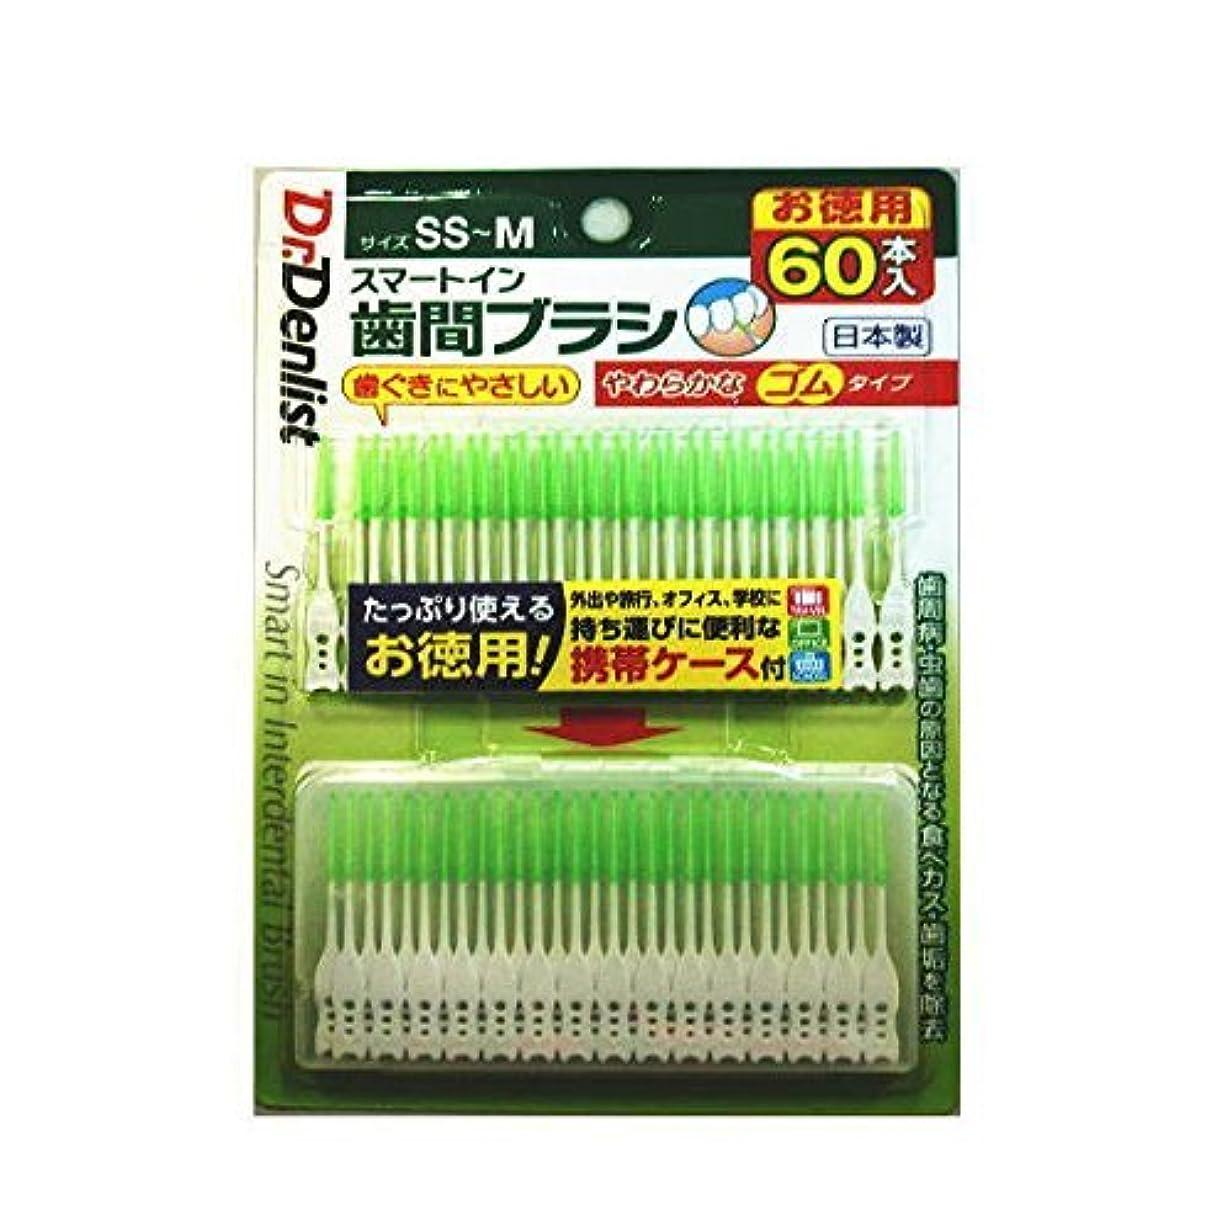 机新しい意味不完全歯間ブラシ スマートイン 60本入 お徳用 やわらかなゴムタイプ